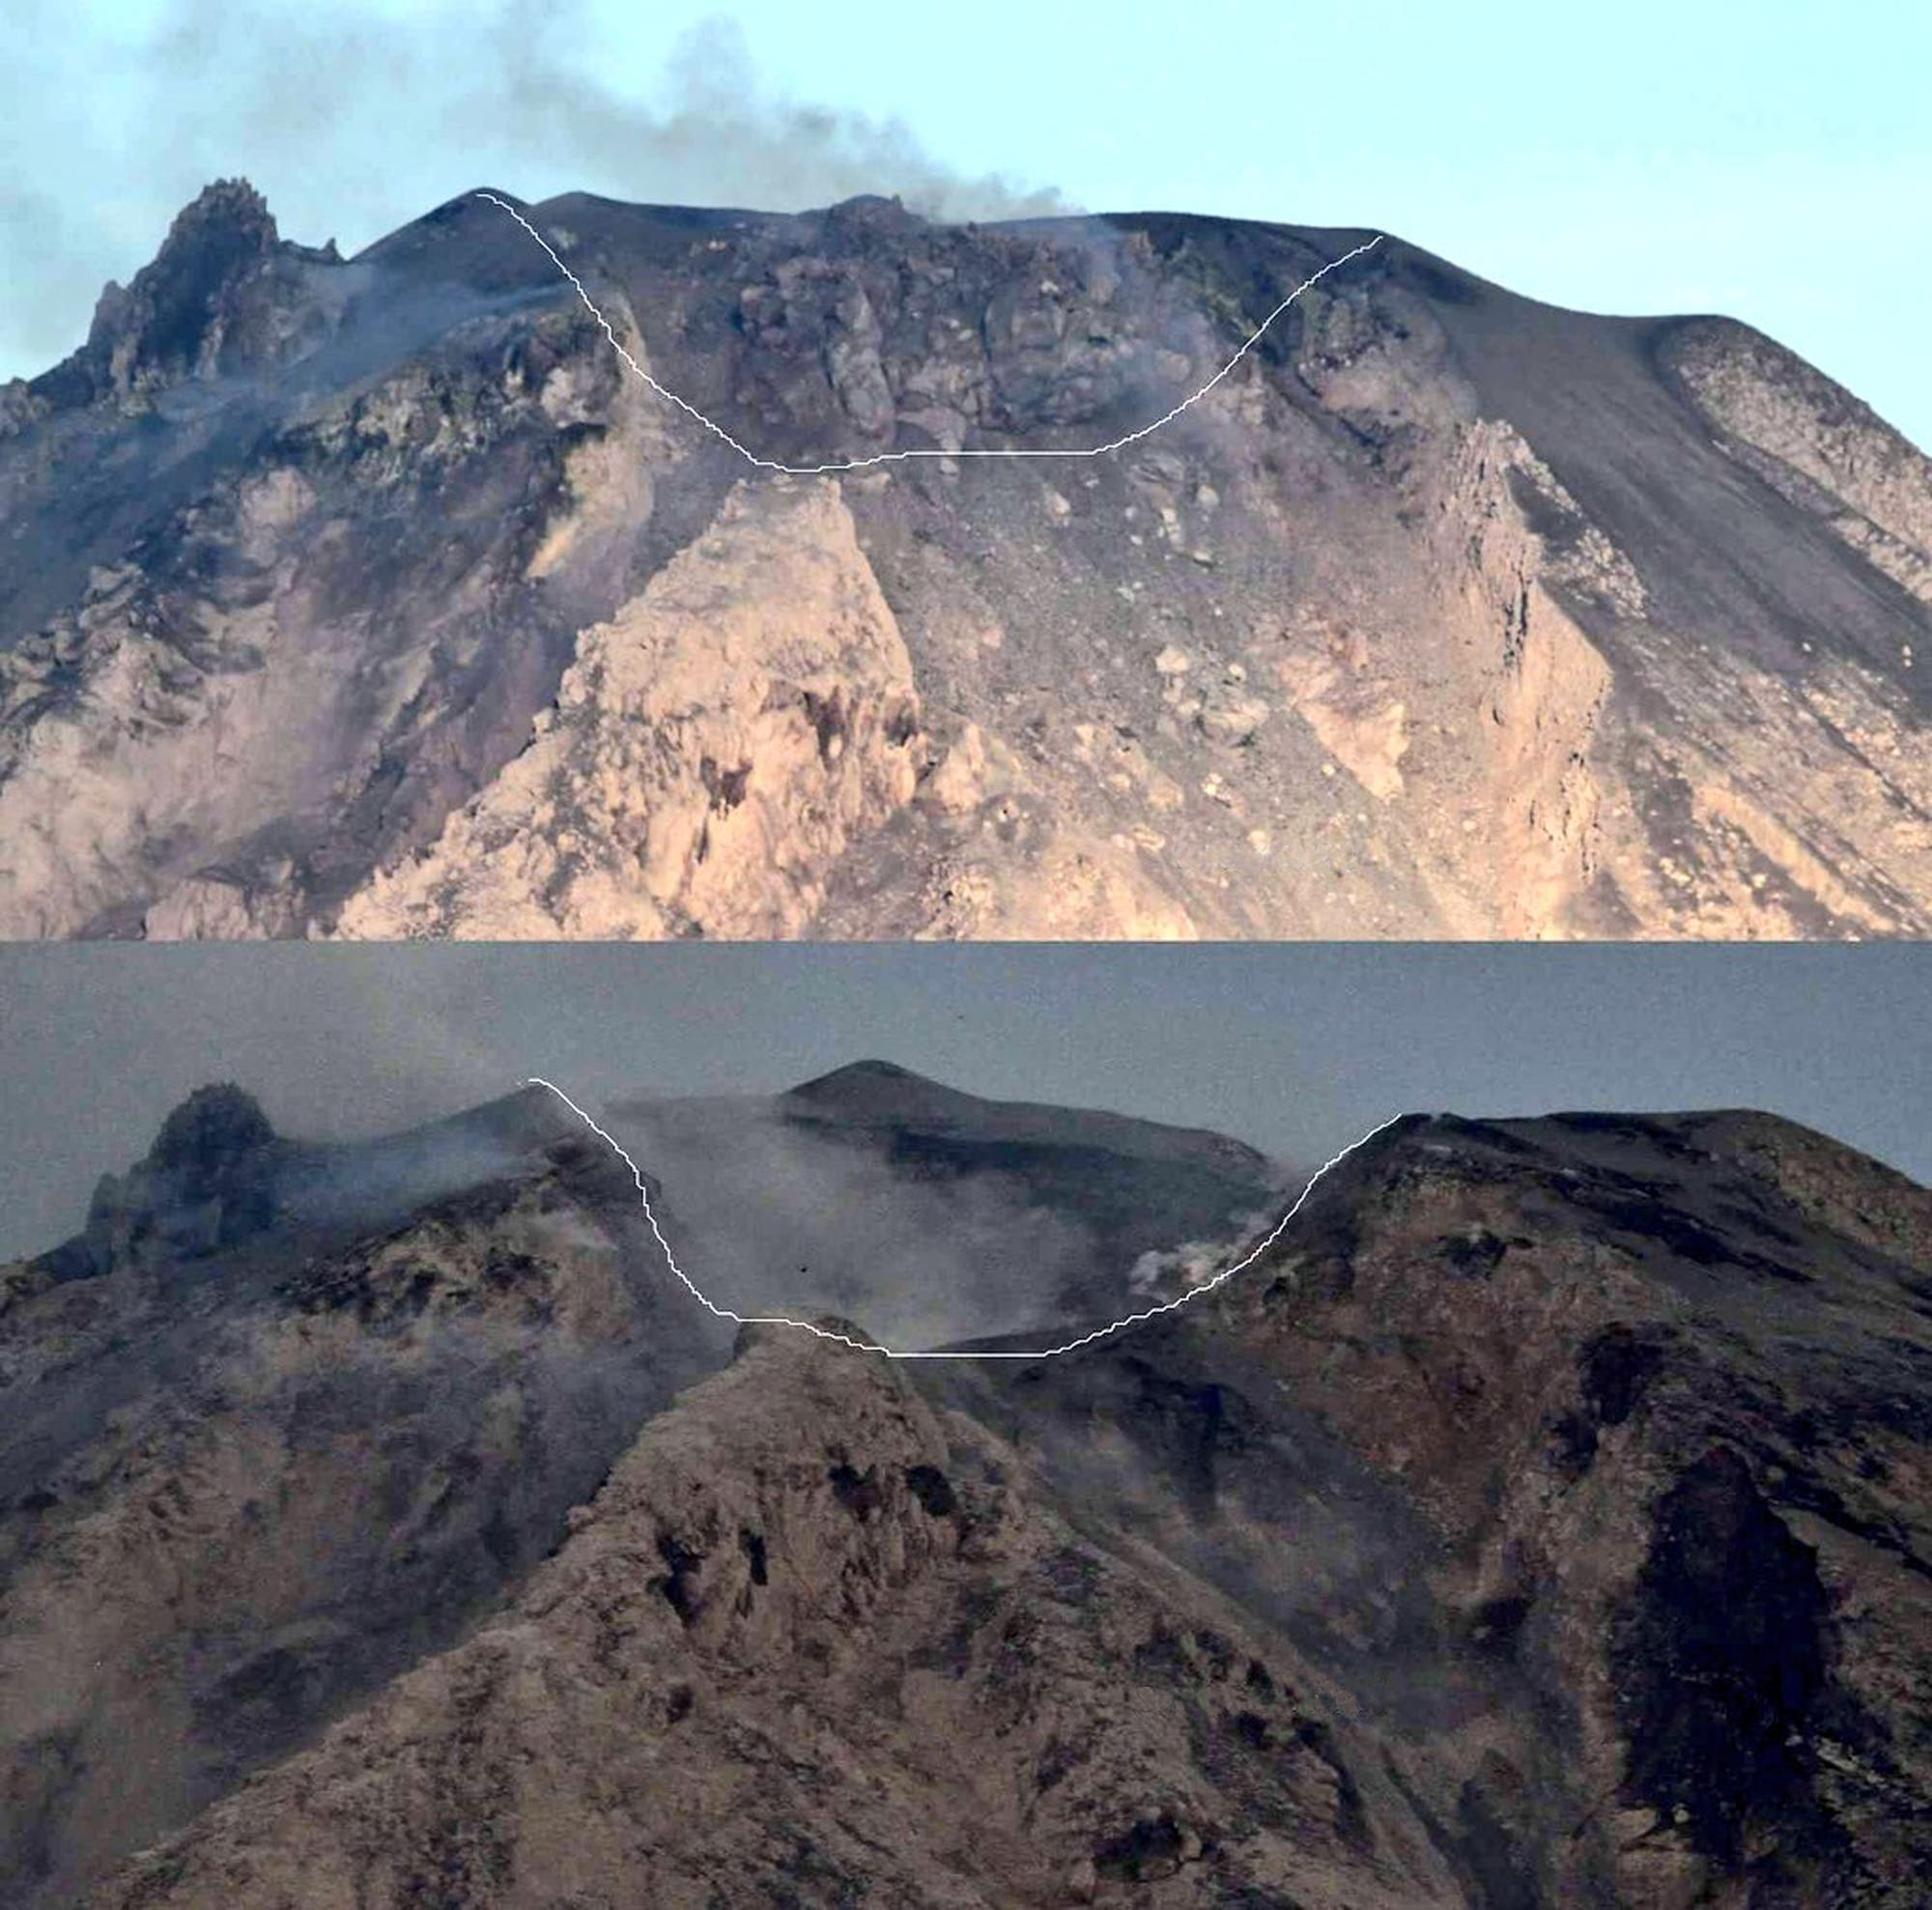 Zwei Fotos des Sinabung vor und nach der Eruption vom 19.2.2018. Die eingezeichnete Linie zeigt den Kraterrand nach der Explosion.